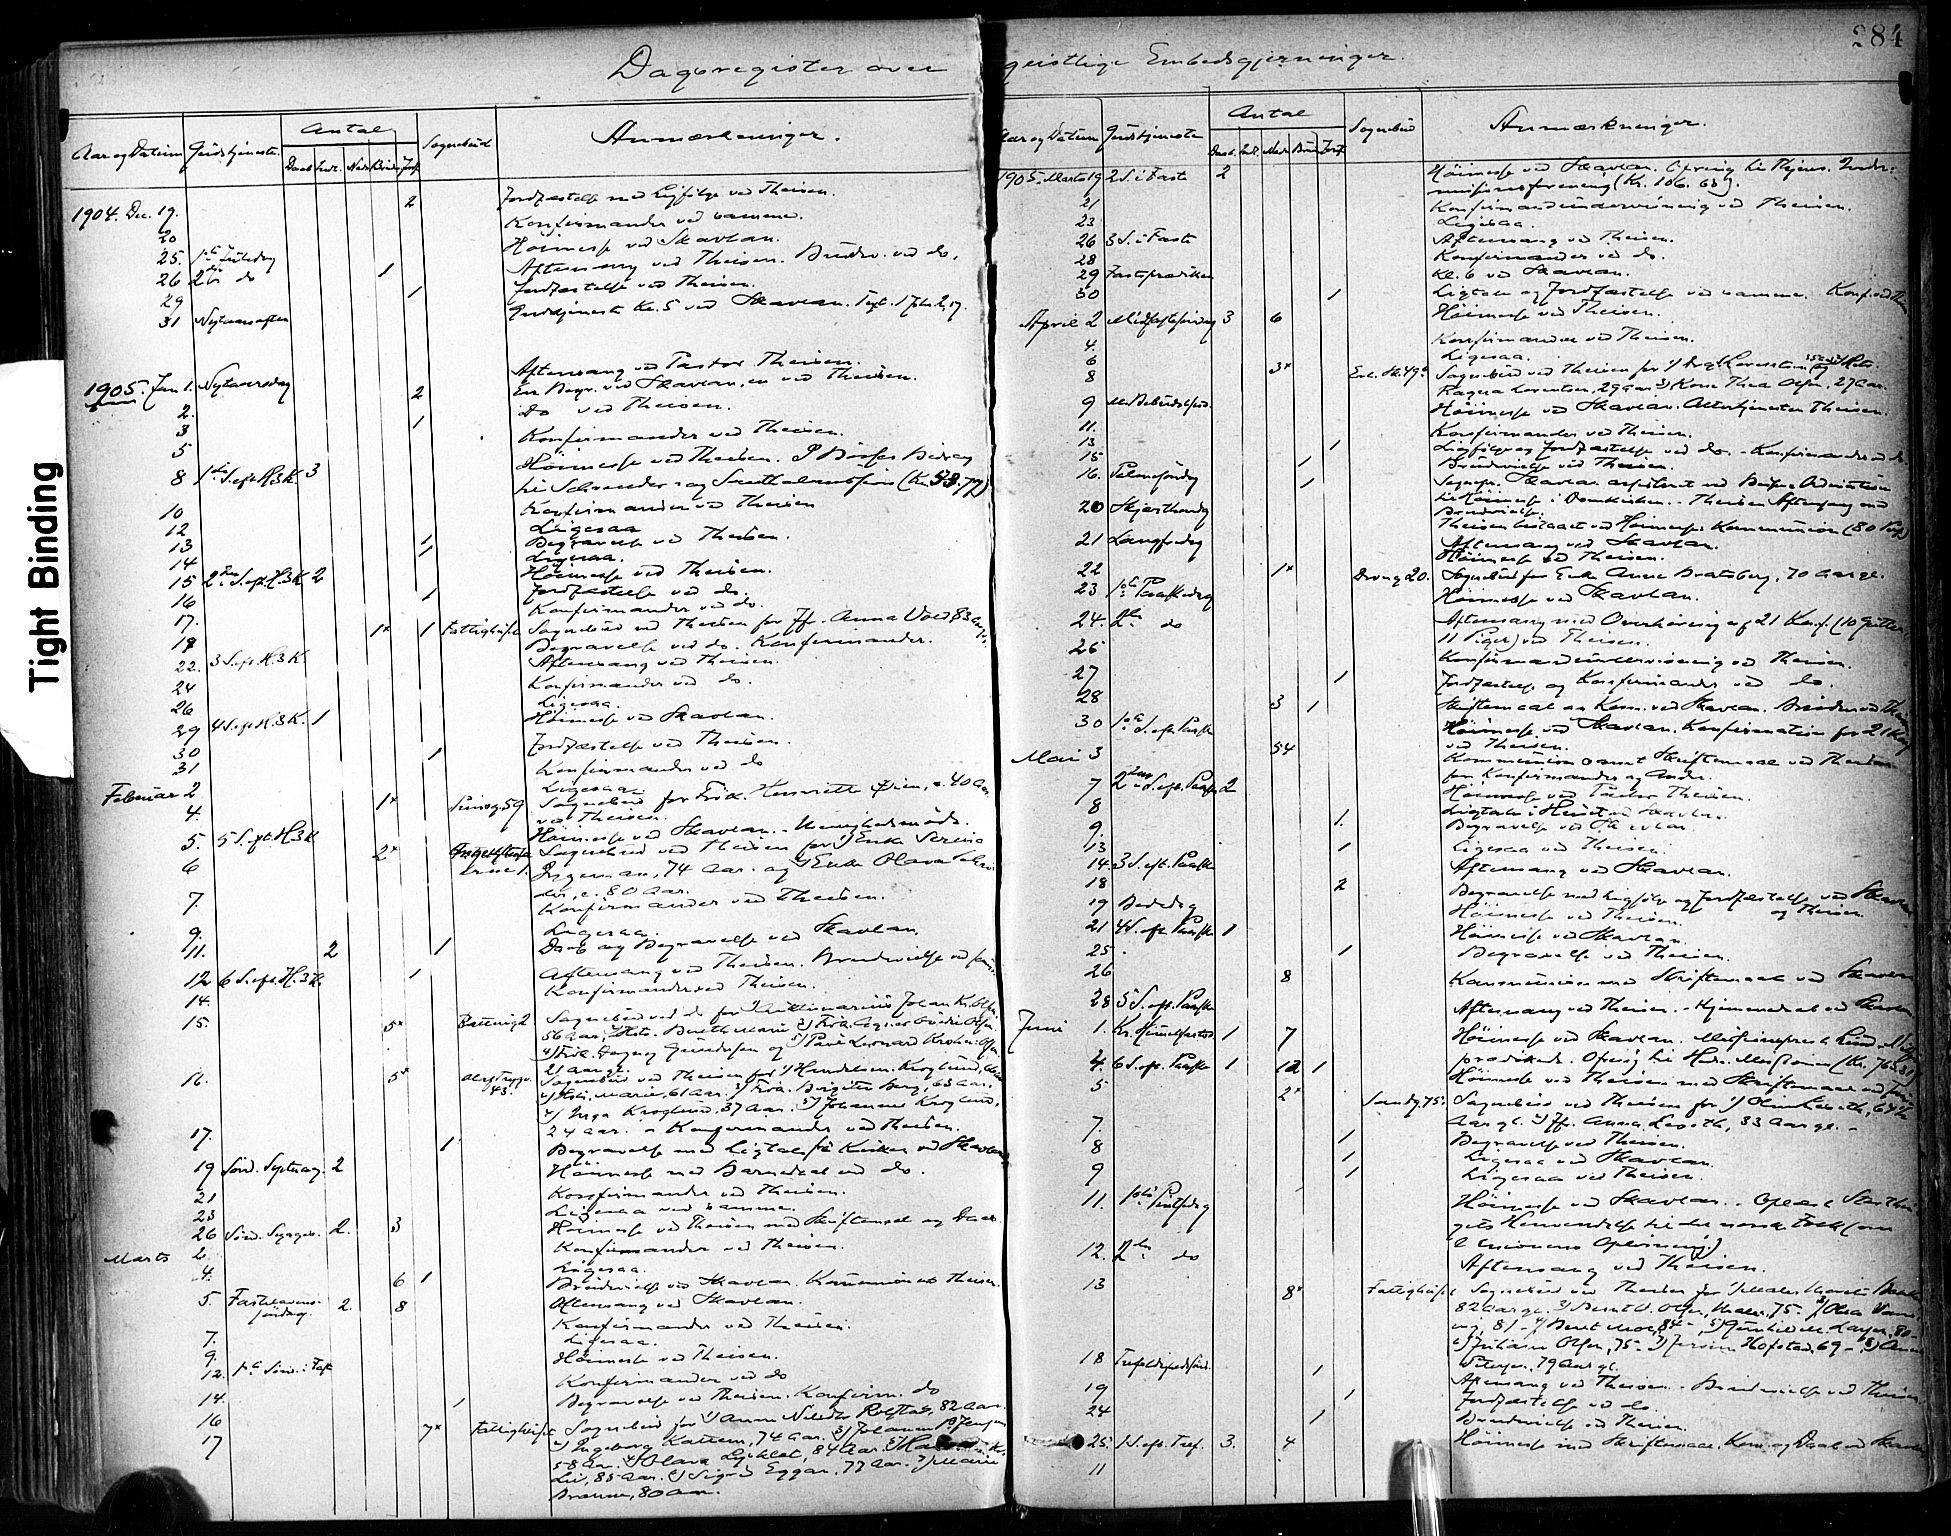 SAT, Ministerialprotokoller, klokkerbøker og fødselsregistre - Sør-Trøndelag, 602/L0120: Ministerialbok nr. 602A18, 1880-1913, s. 284